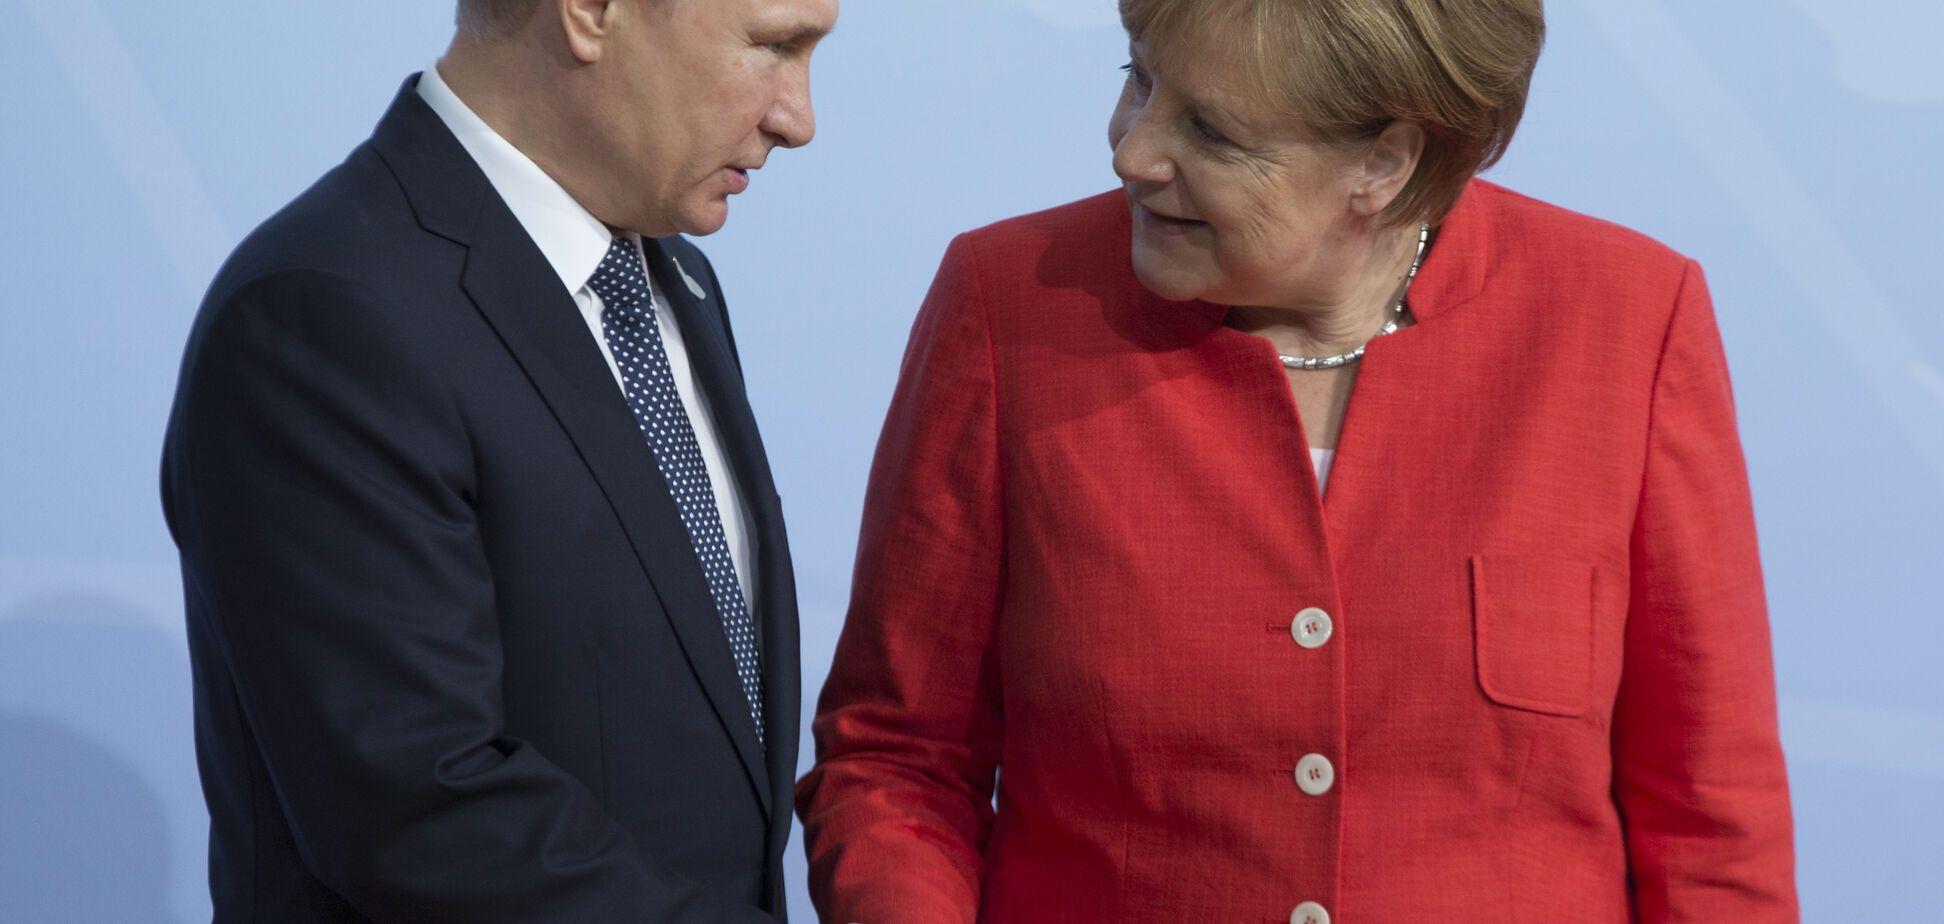 'Противоречат принципам': Путин резко изменил позицию по КНДР, общаясь с Меркель